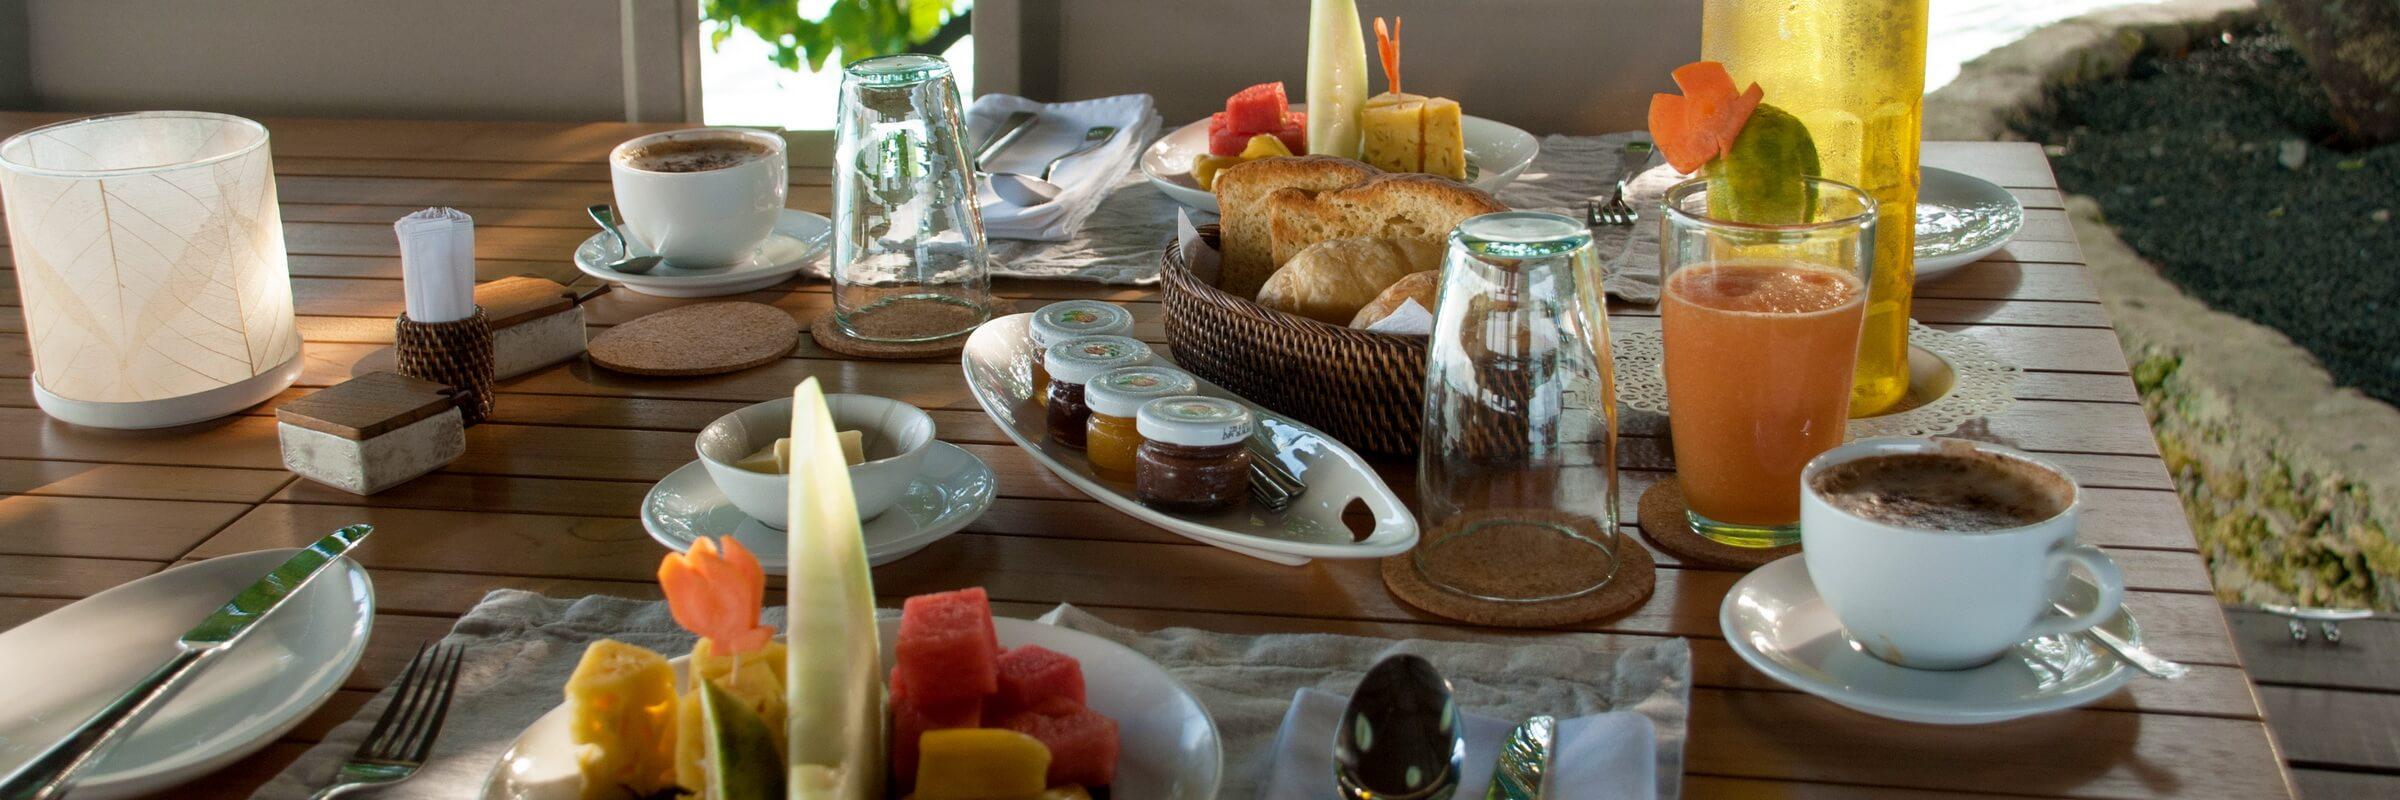 Neben dem vielseitigen Angebot an Speisen und Gerichten wird im Virgin Cocoa auch ein reichhaltiges Frühstück serviert.